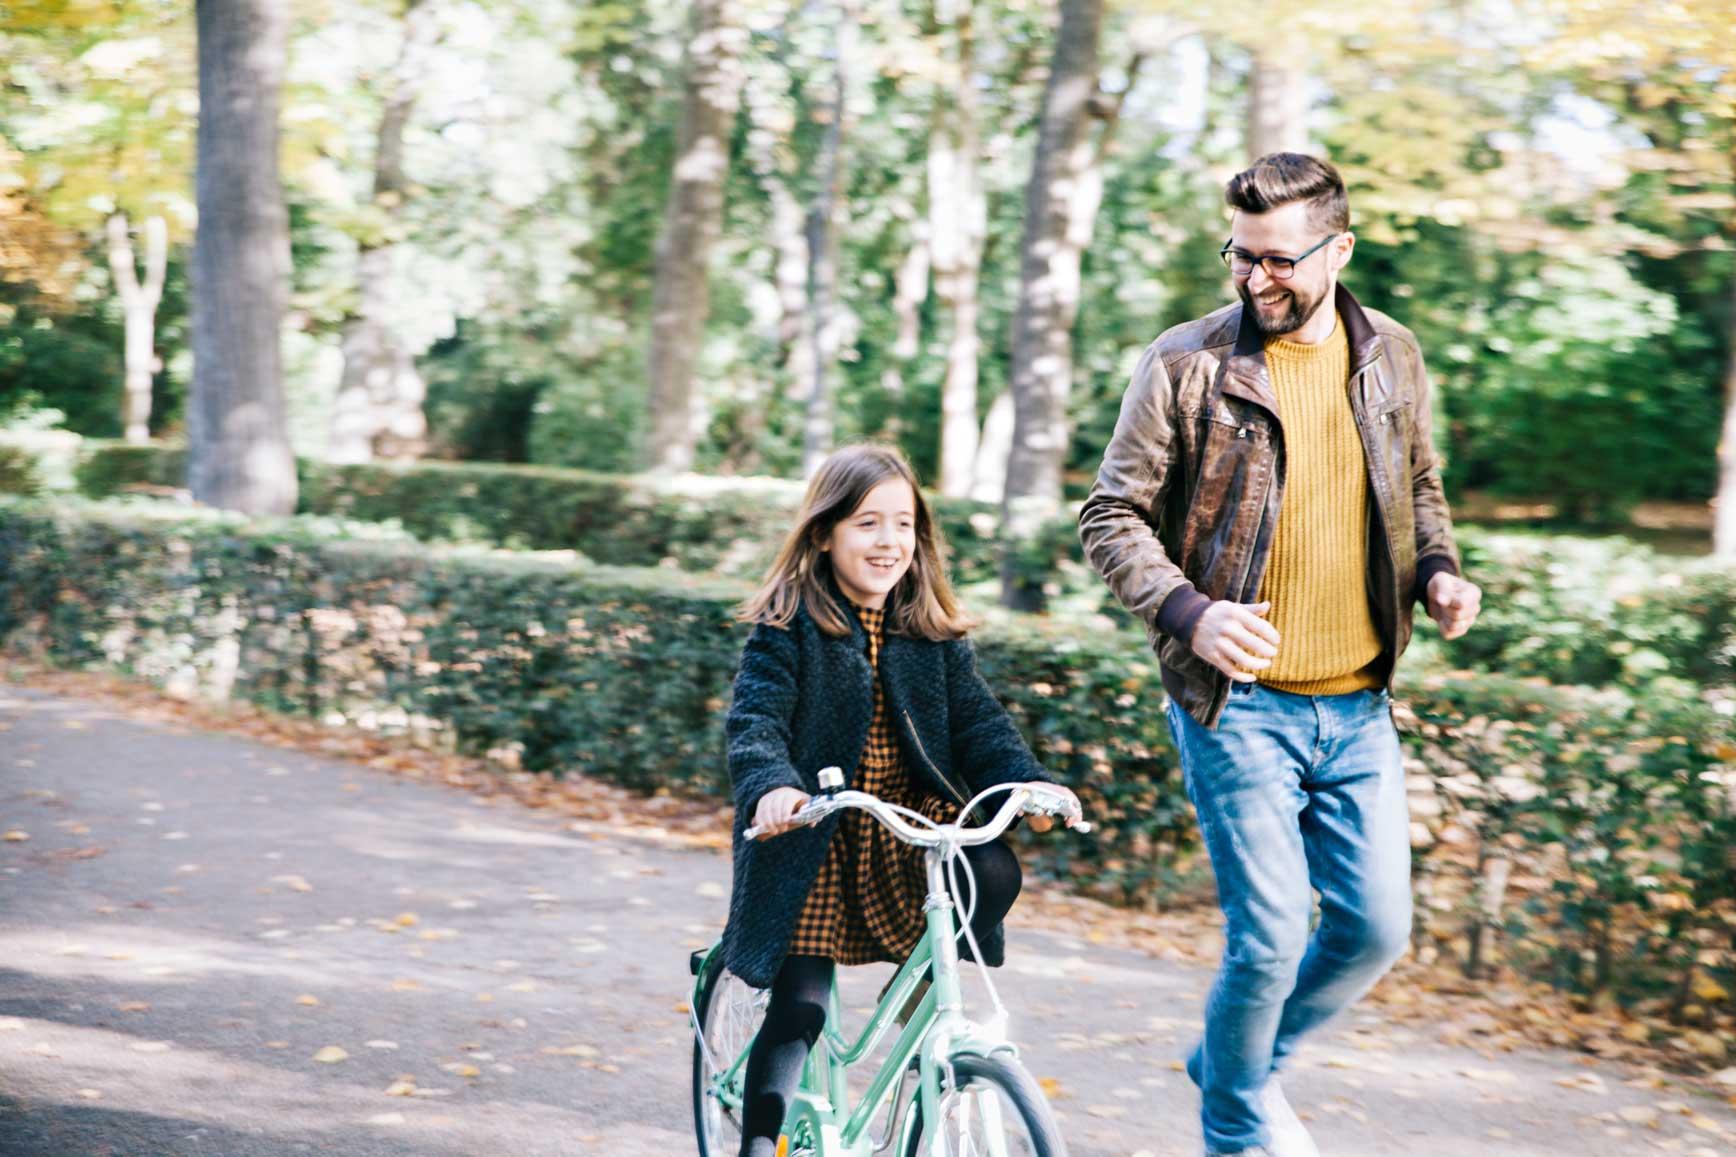 Historias de bicicleta-claraBmartin-05